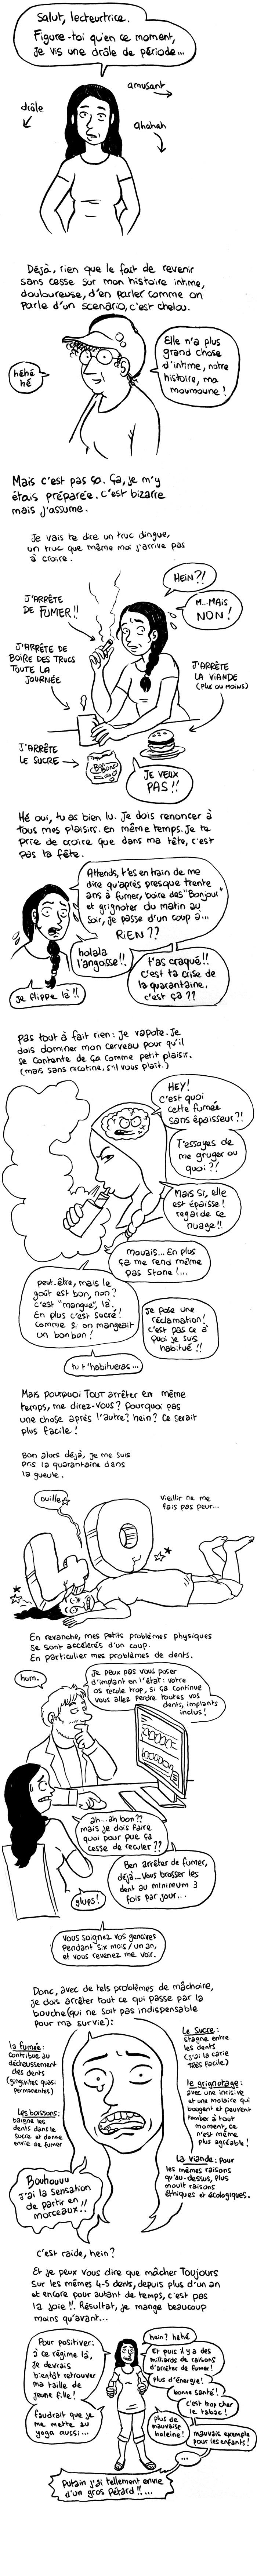 http://melaka.free.fr/blog/sevrage.jpg